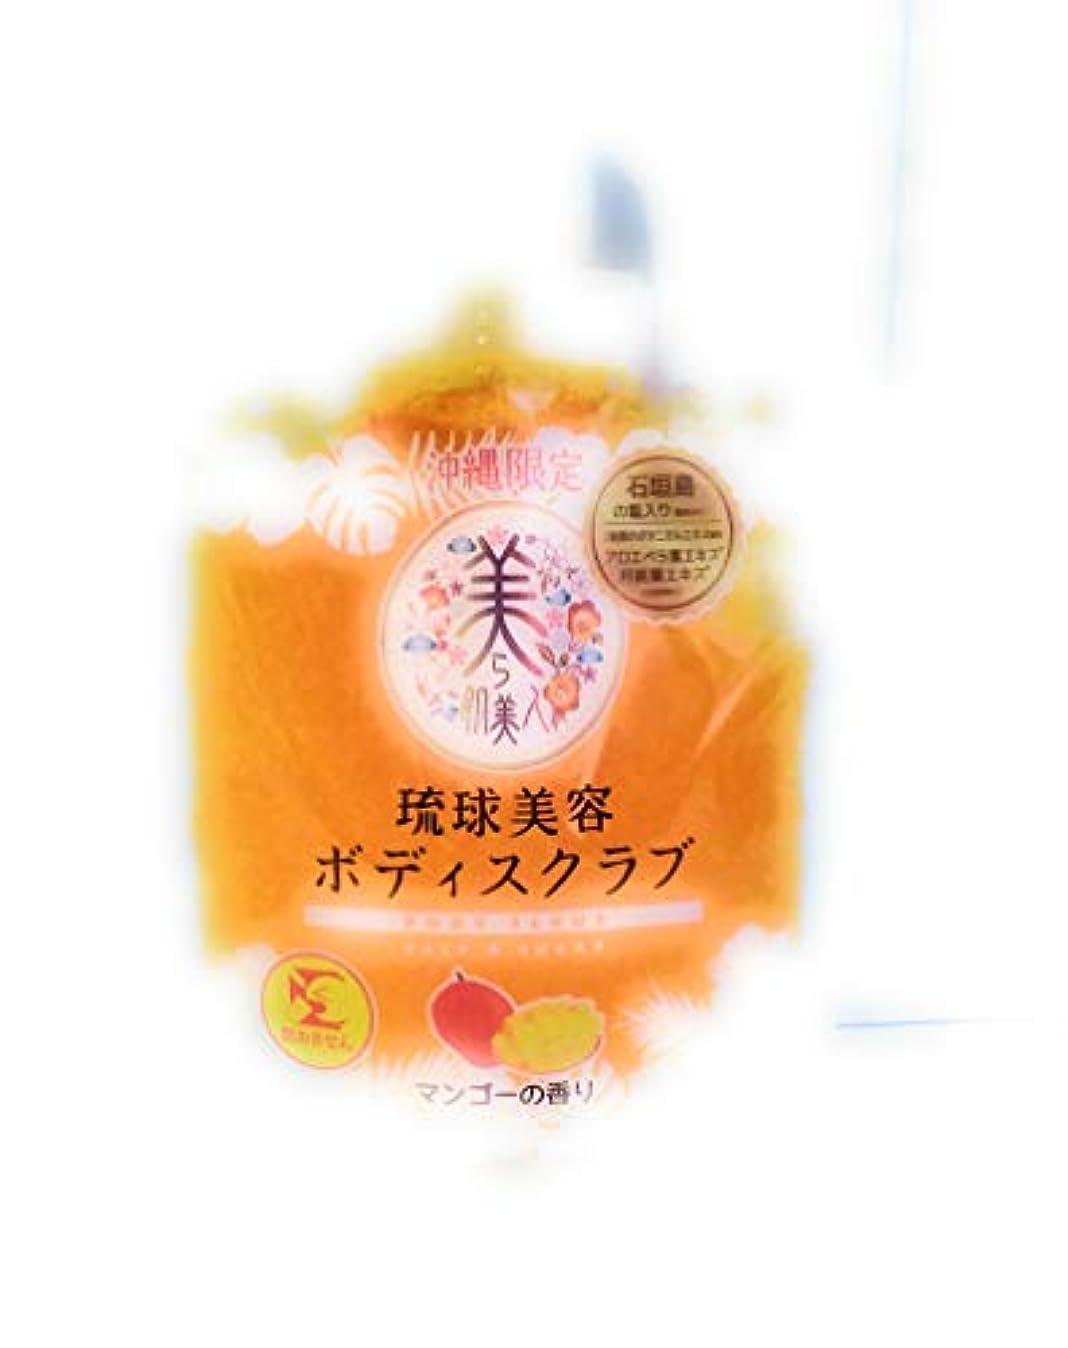 データベース逸話幾分沖縄限定 美ら肌美人 琉球美容ボディスクラブ マンゴーの香り